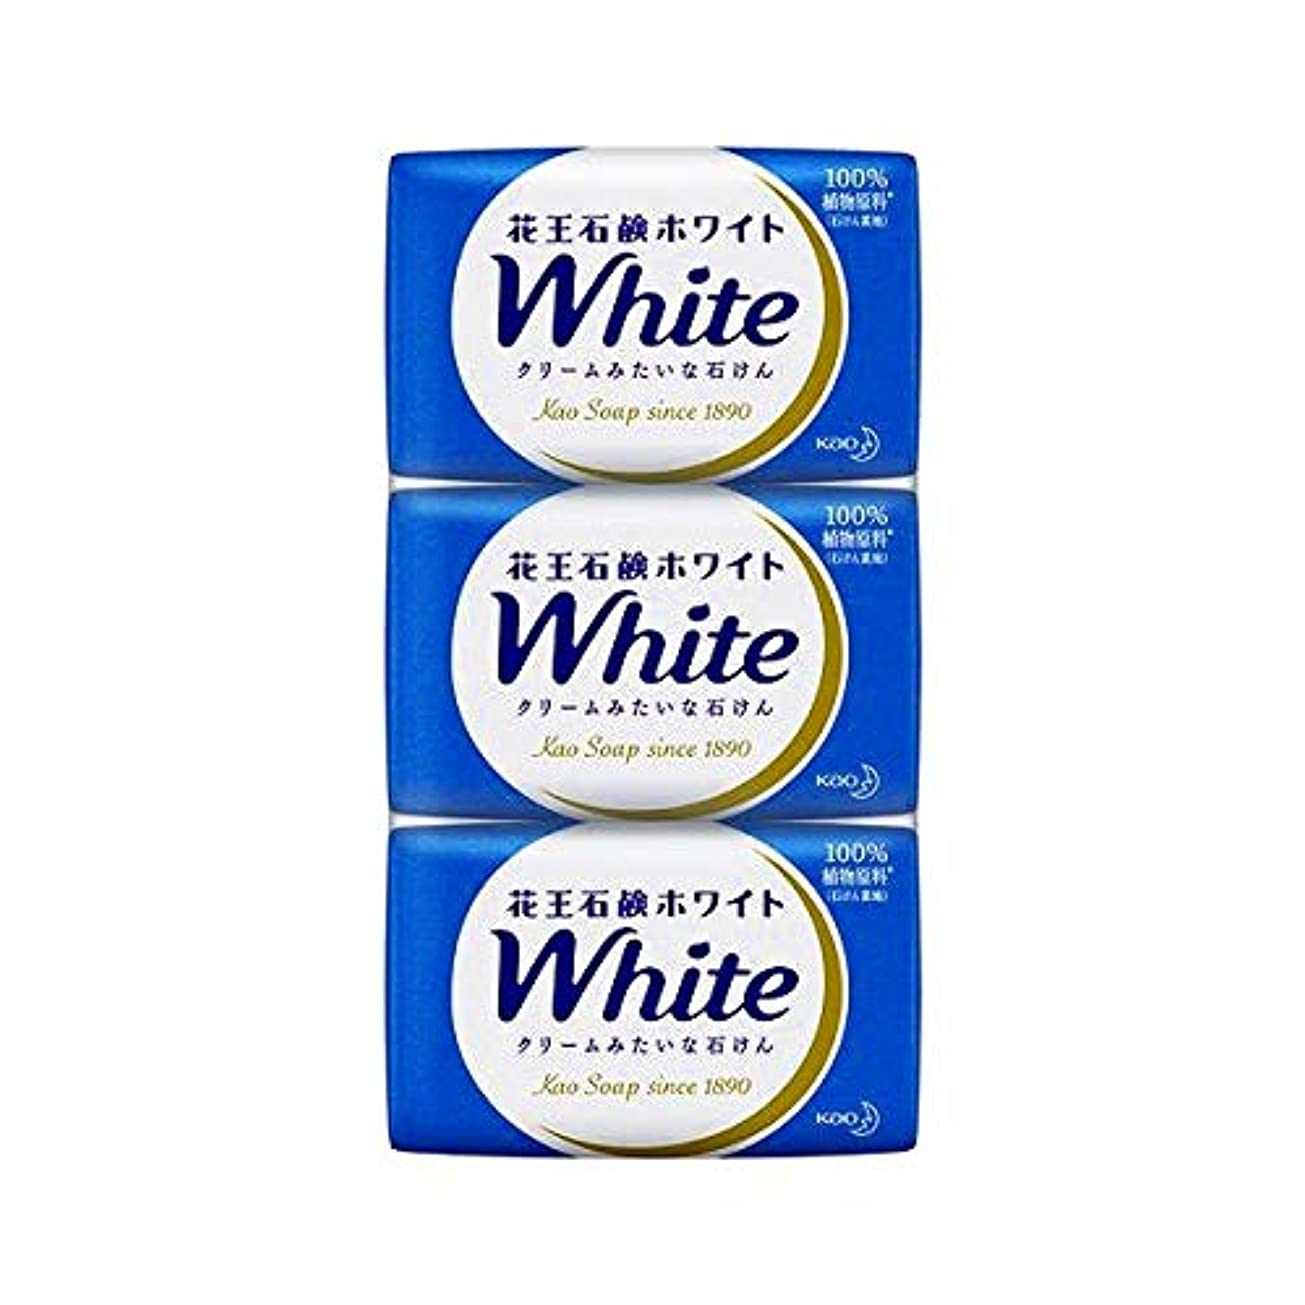 疾患支払う推測する花王ホワイト レギュラーサイズ 85g*3個入